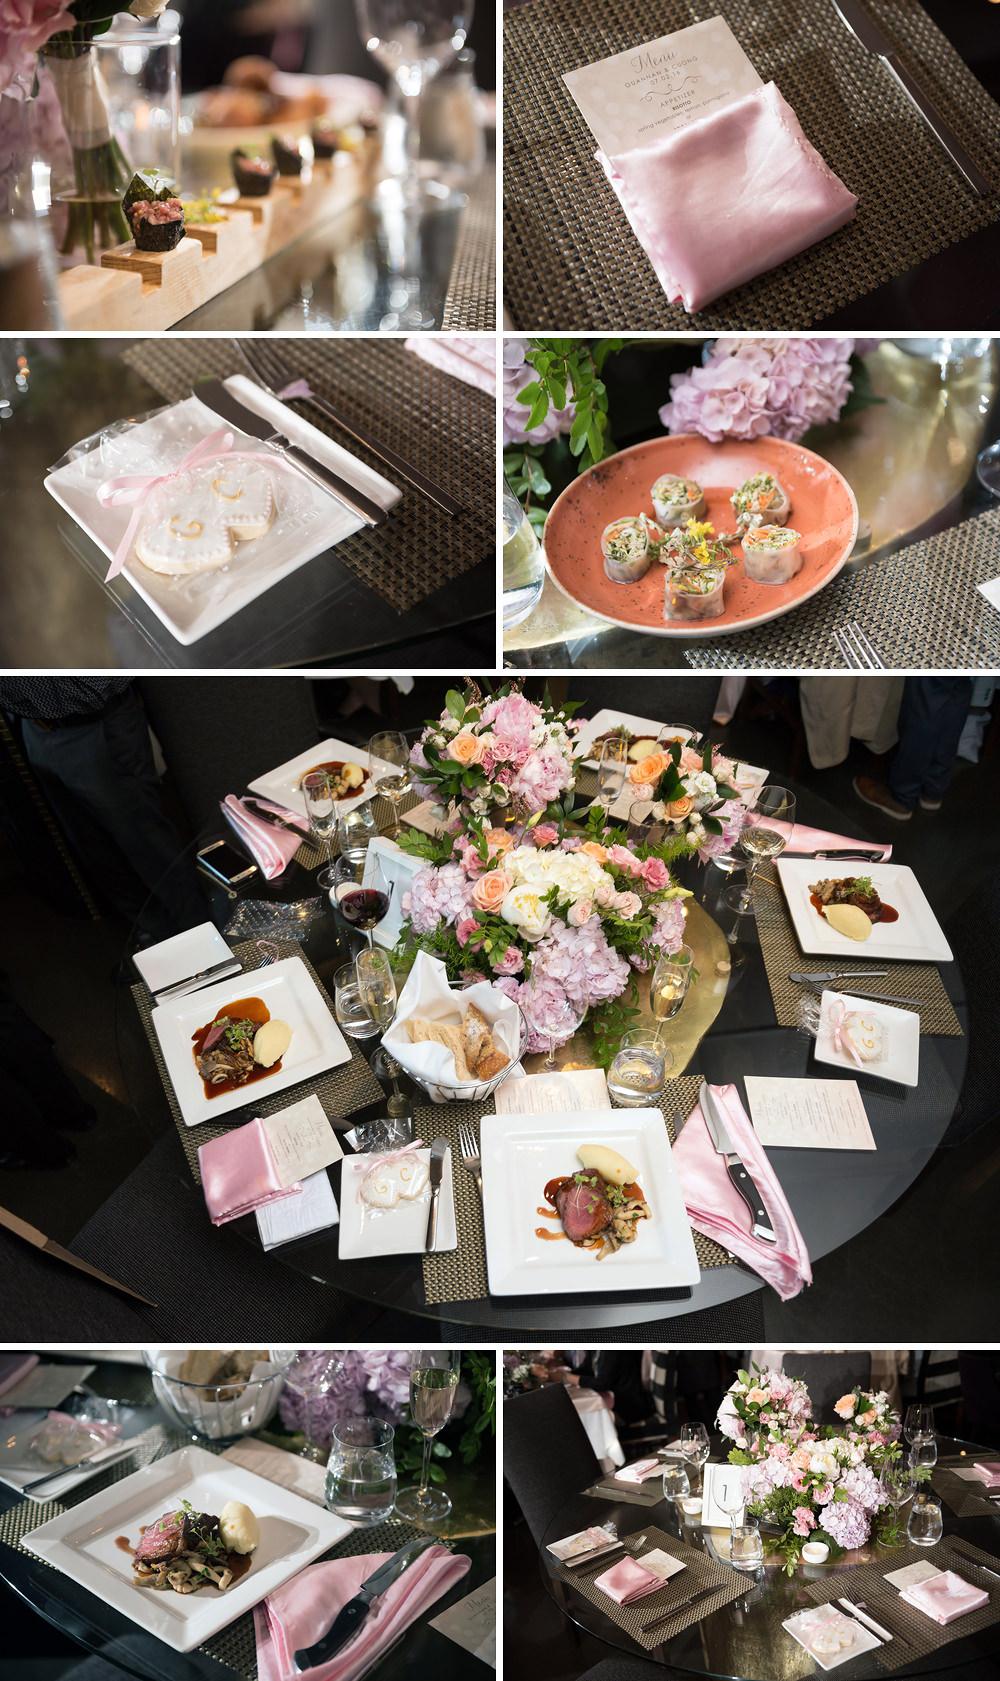 Restaurant-18-Wedding-151